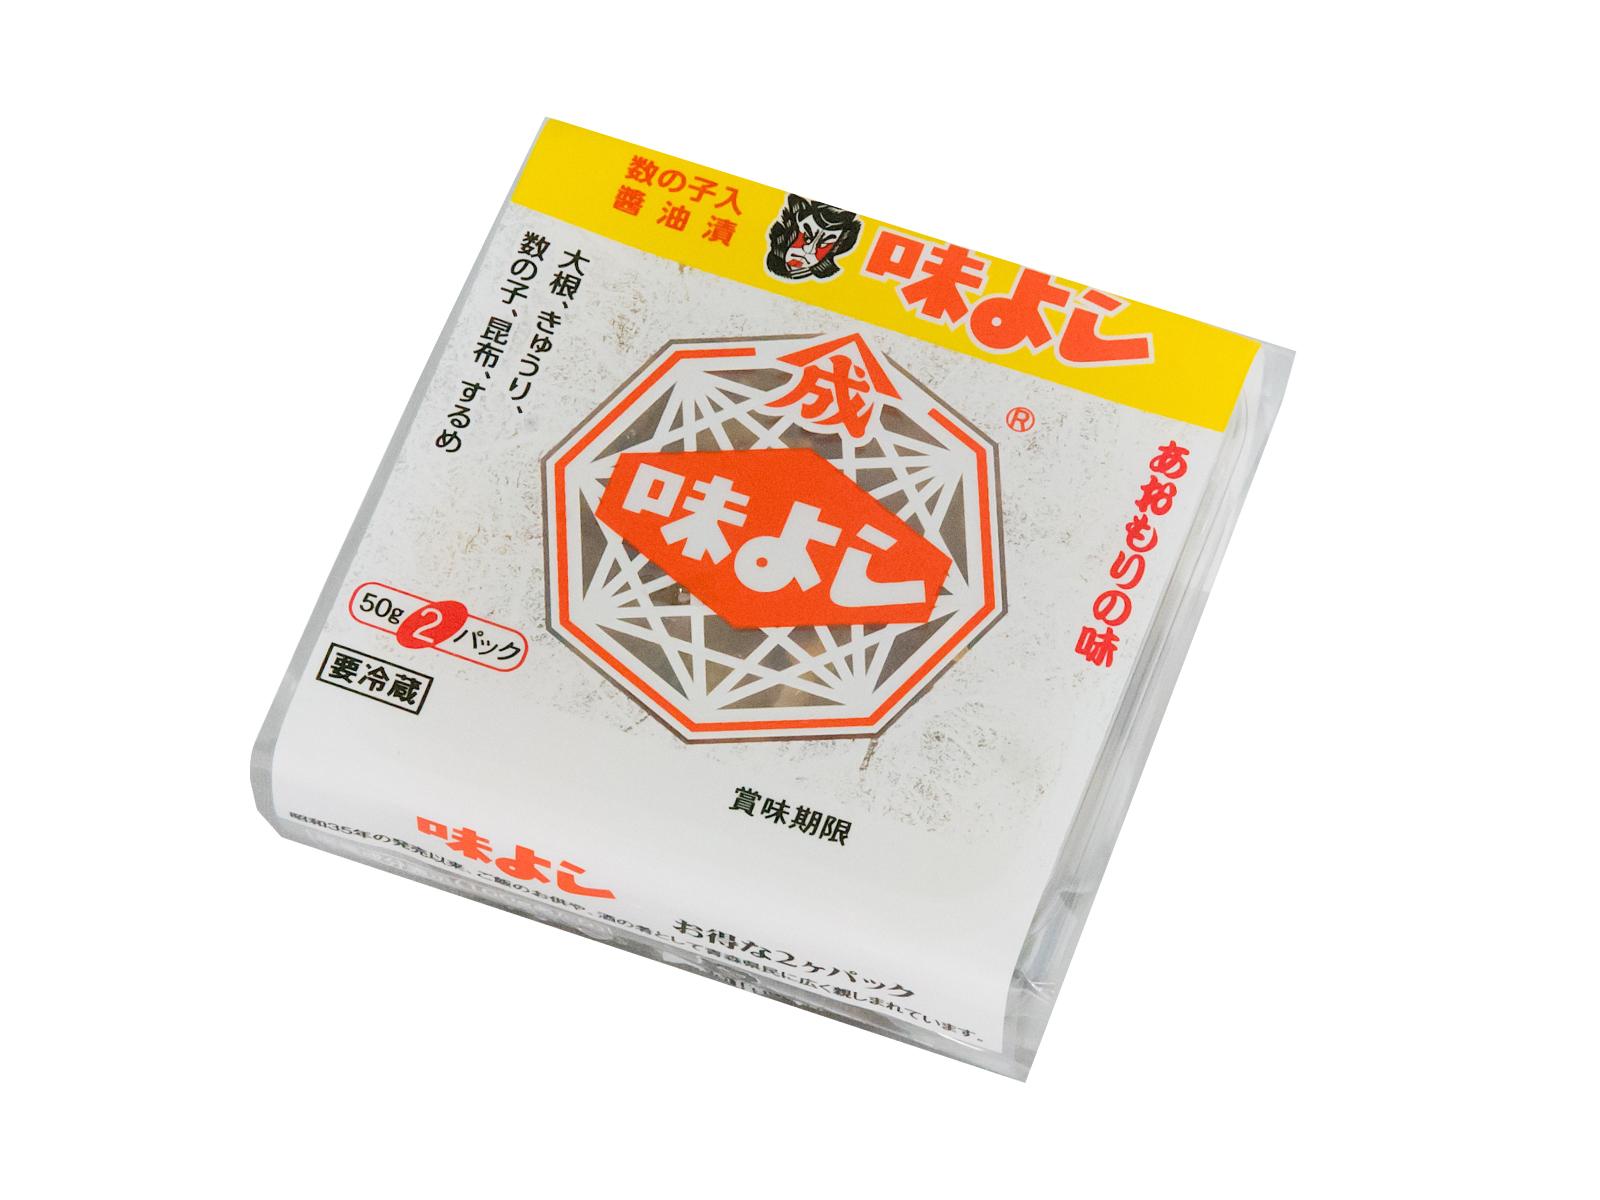 味よし(50g×2)